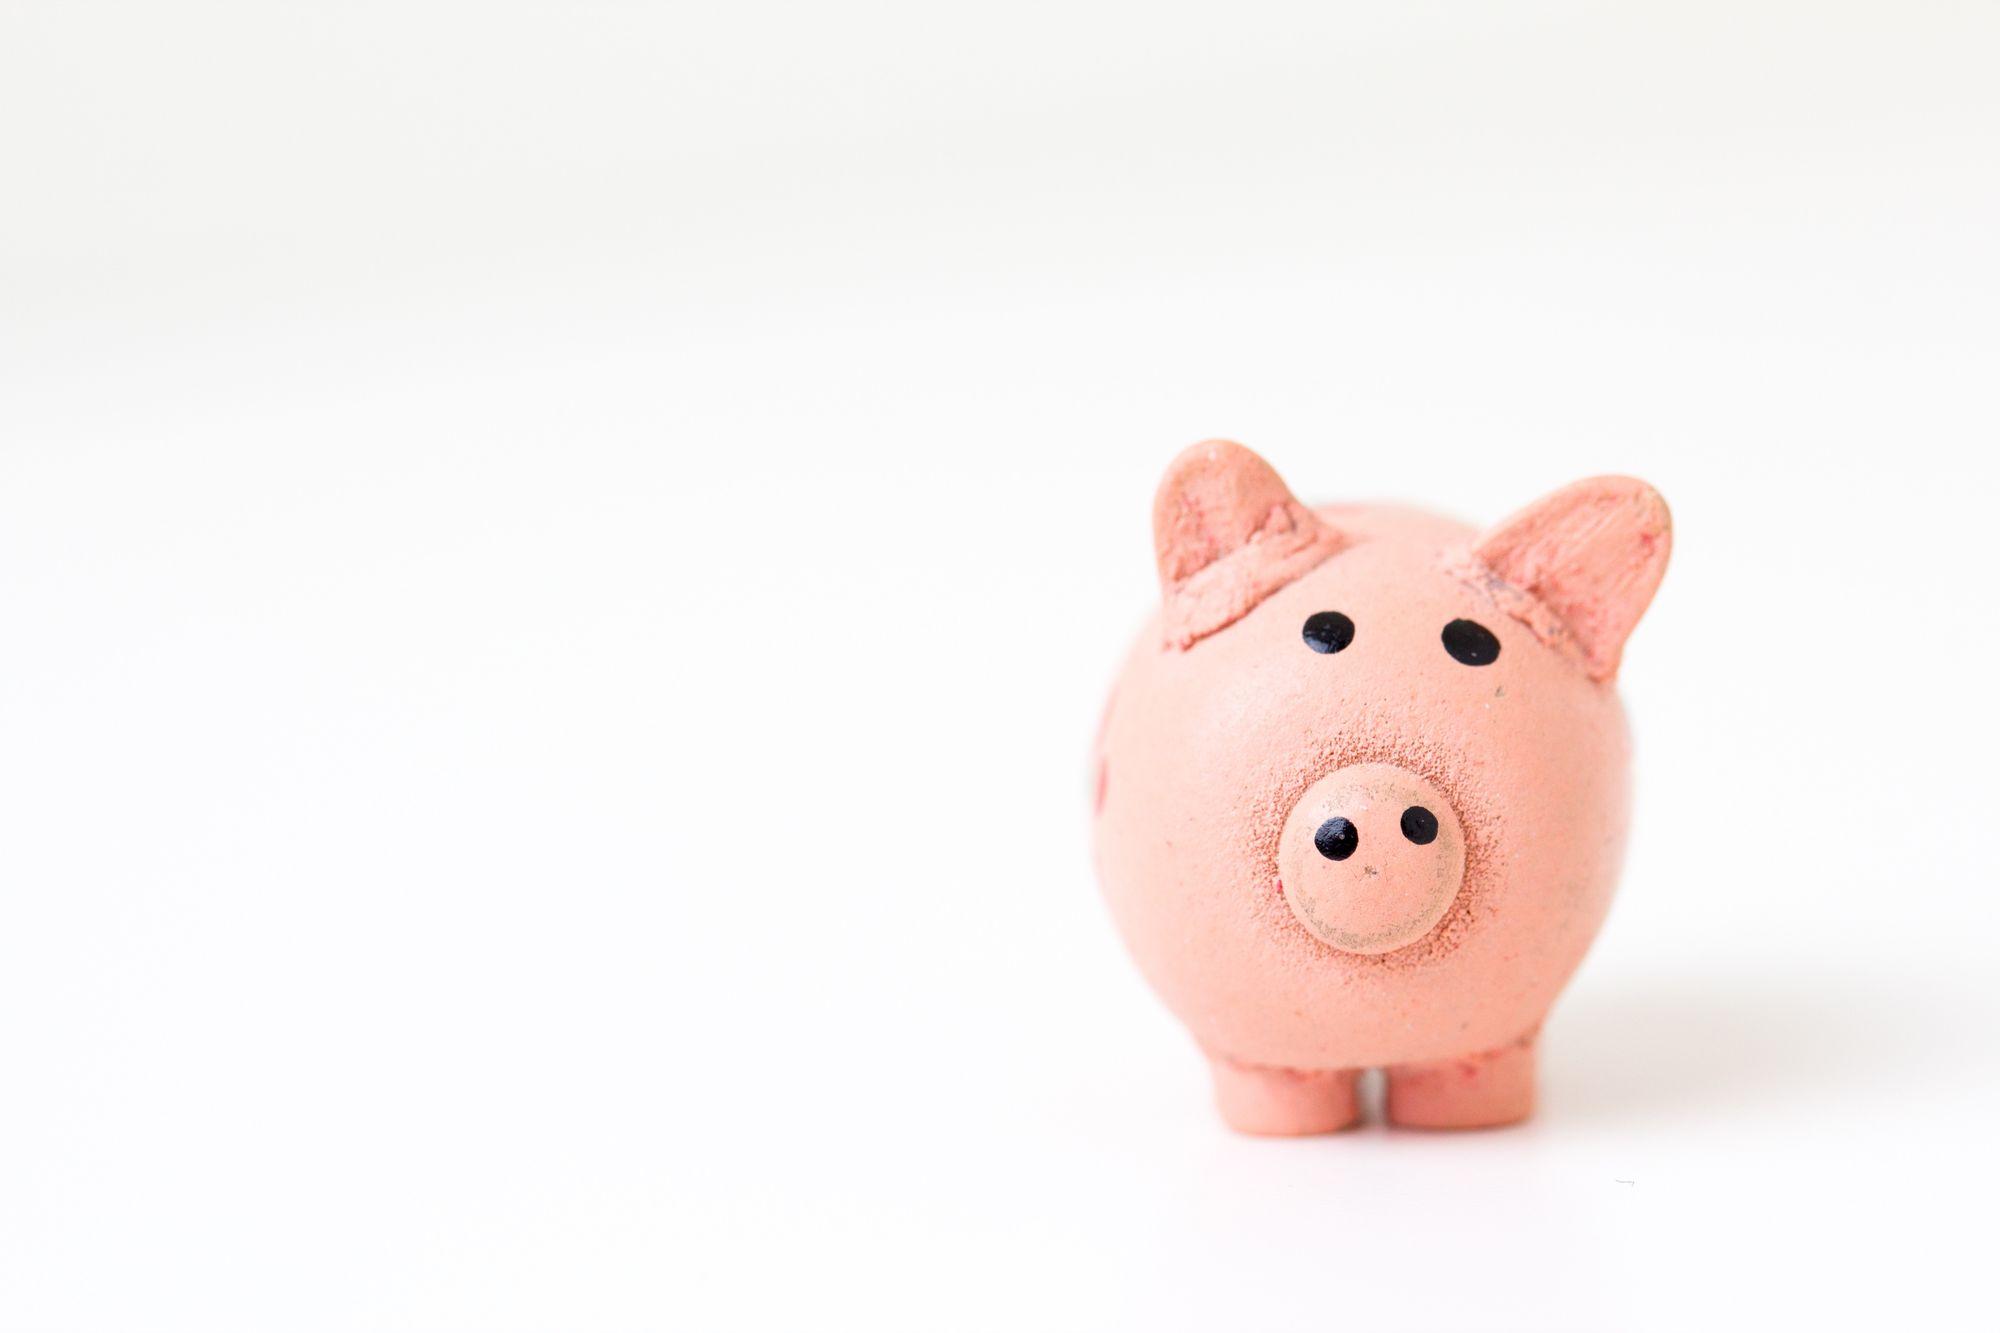 Saiu na mídia: 44% dos trabalhadores vão usar o dinheiro do FGTS para pagar dívidas